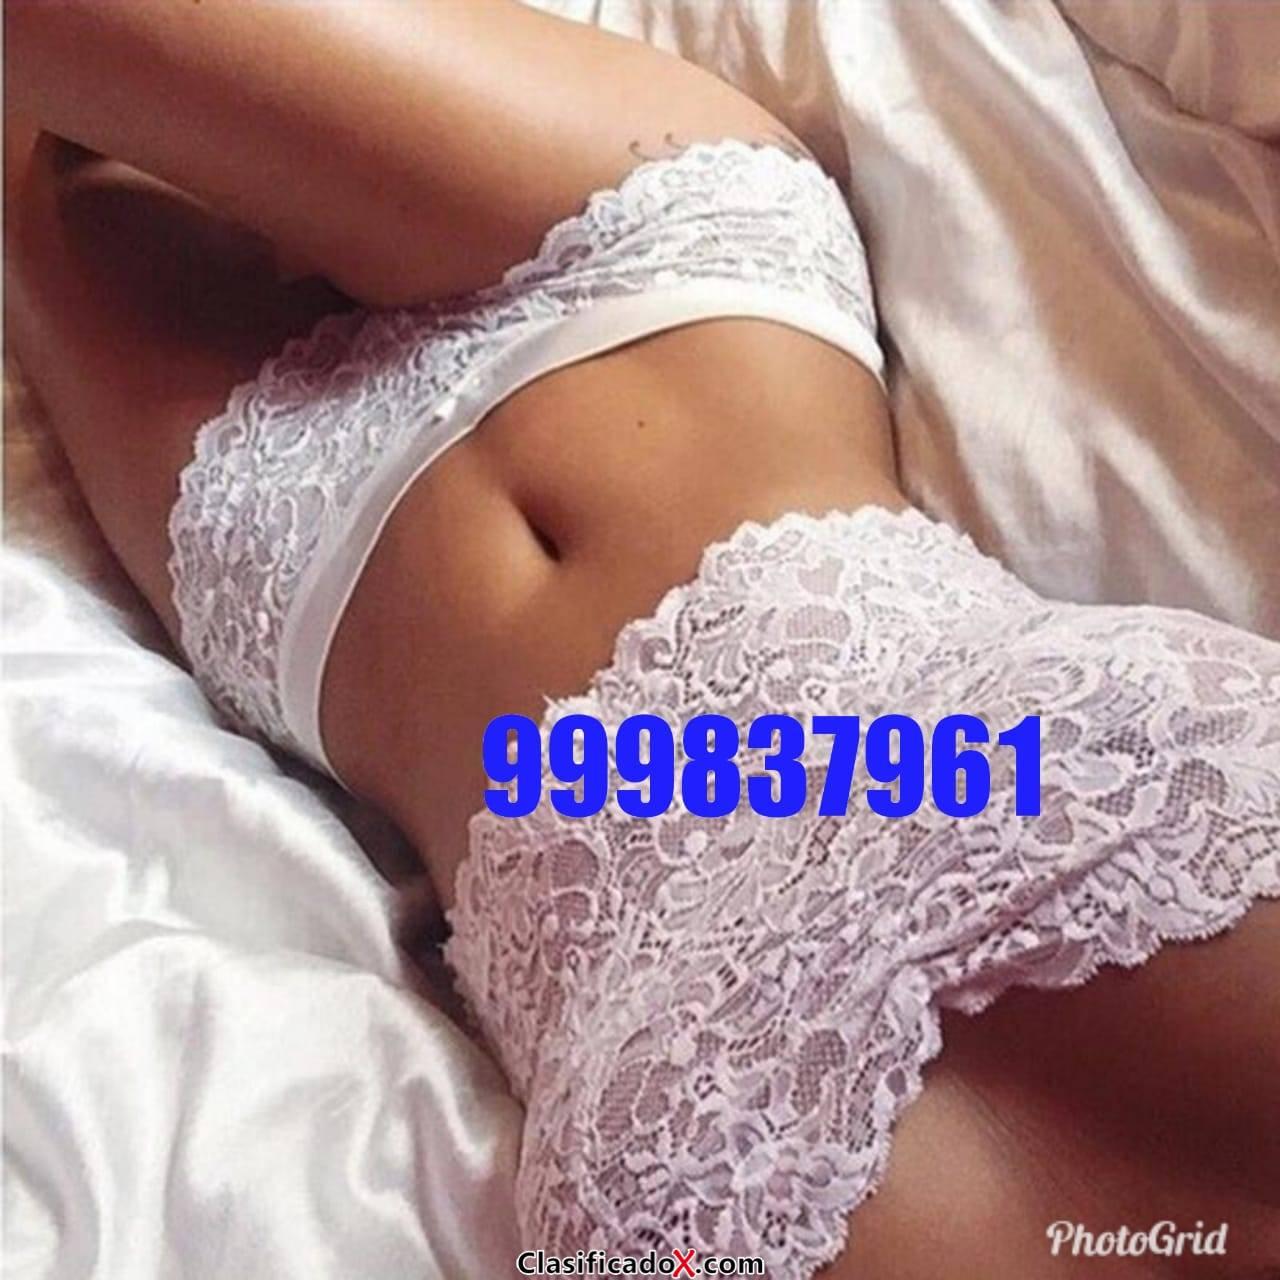 964742079SOLO DOMICILIOS HOTELES TODA LA NOCHEE-.,DISCRTAS